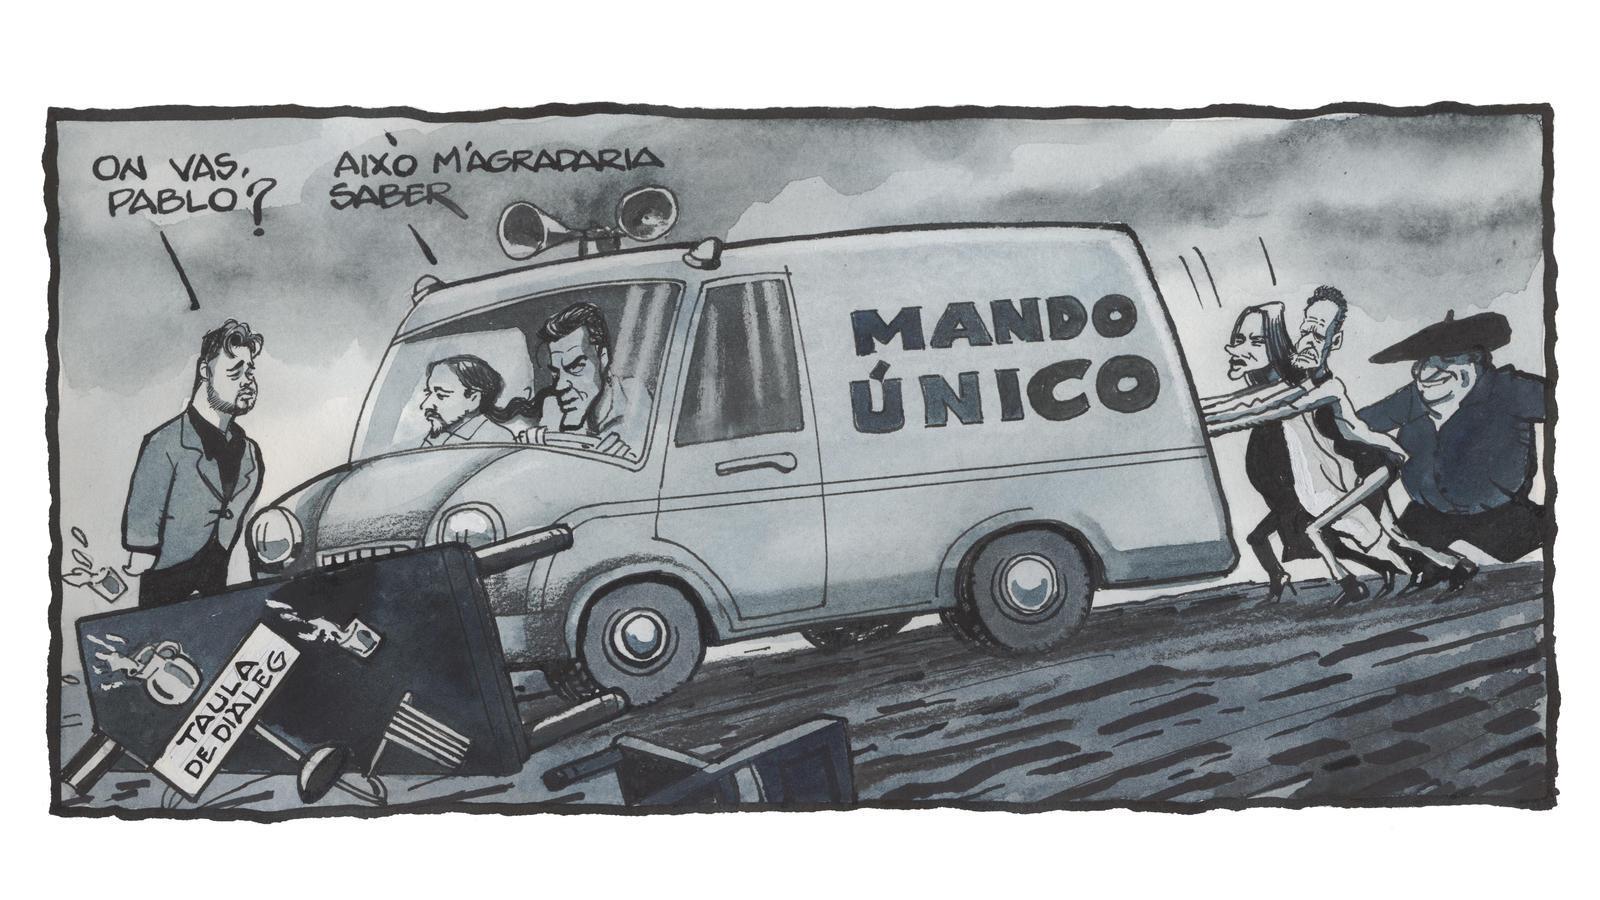 'A la contra', per Ferreres 21/05/2020